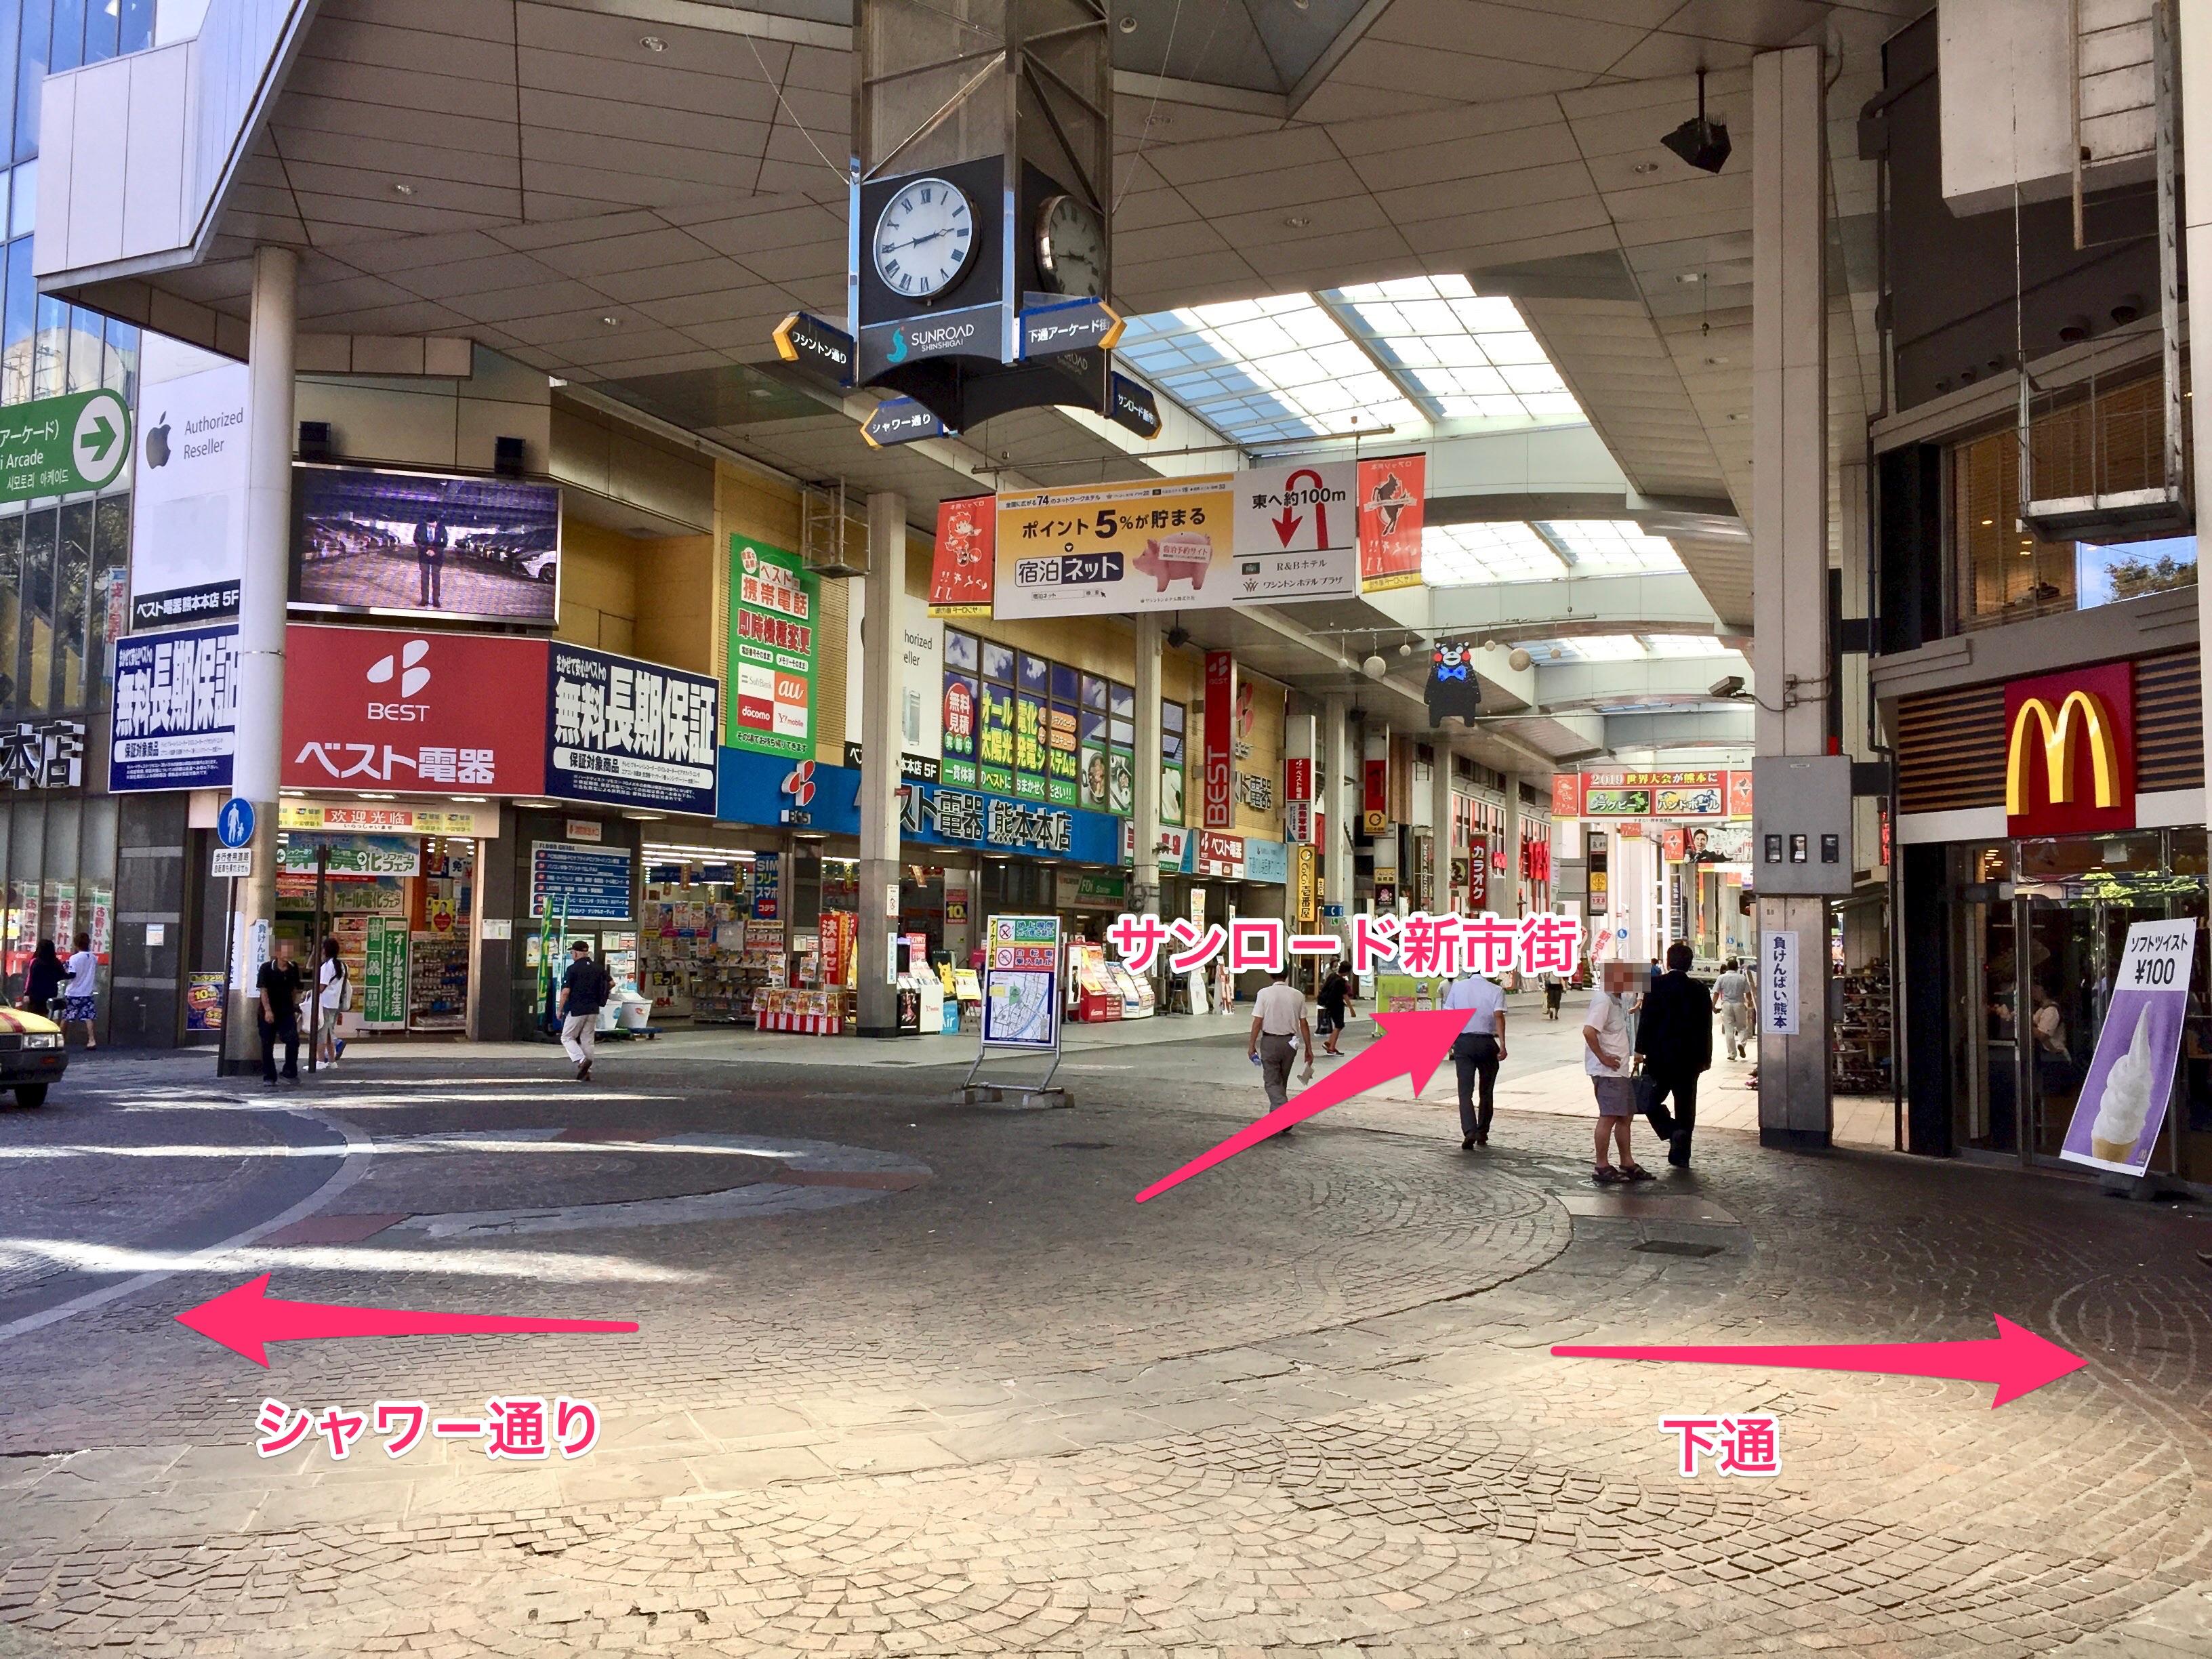 シャワ-通り入り口